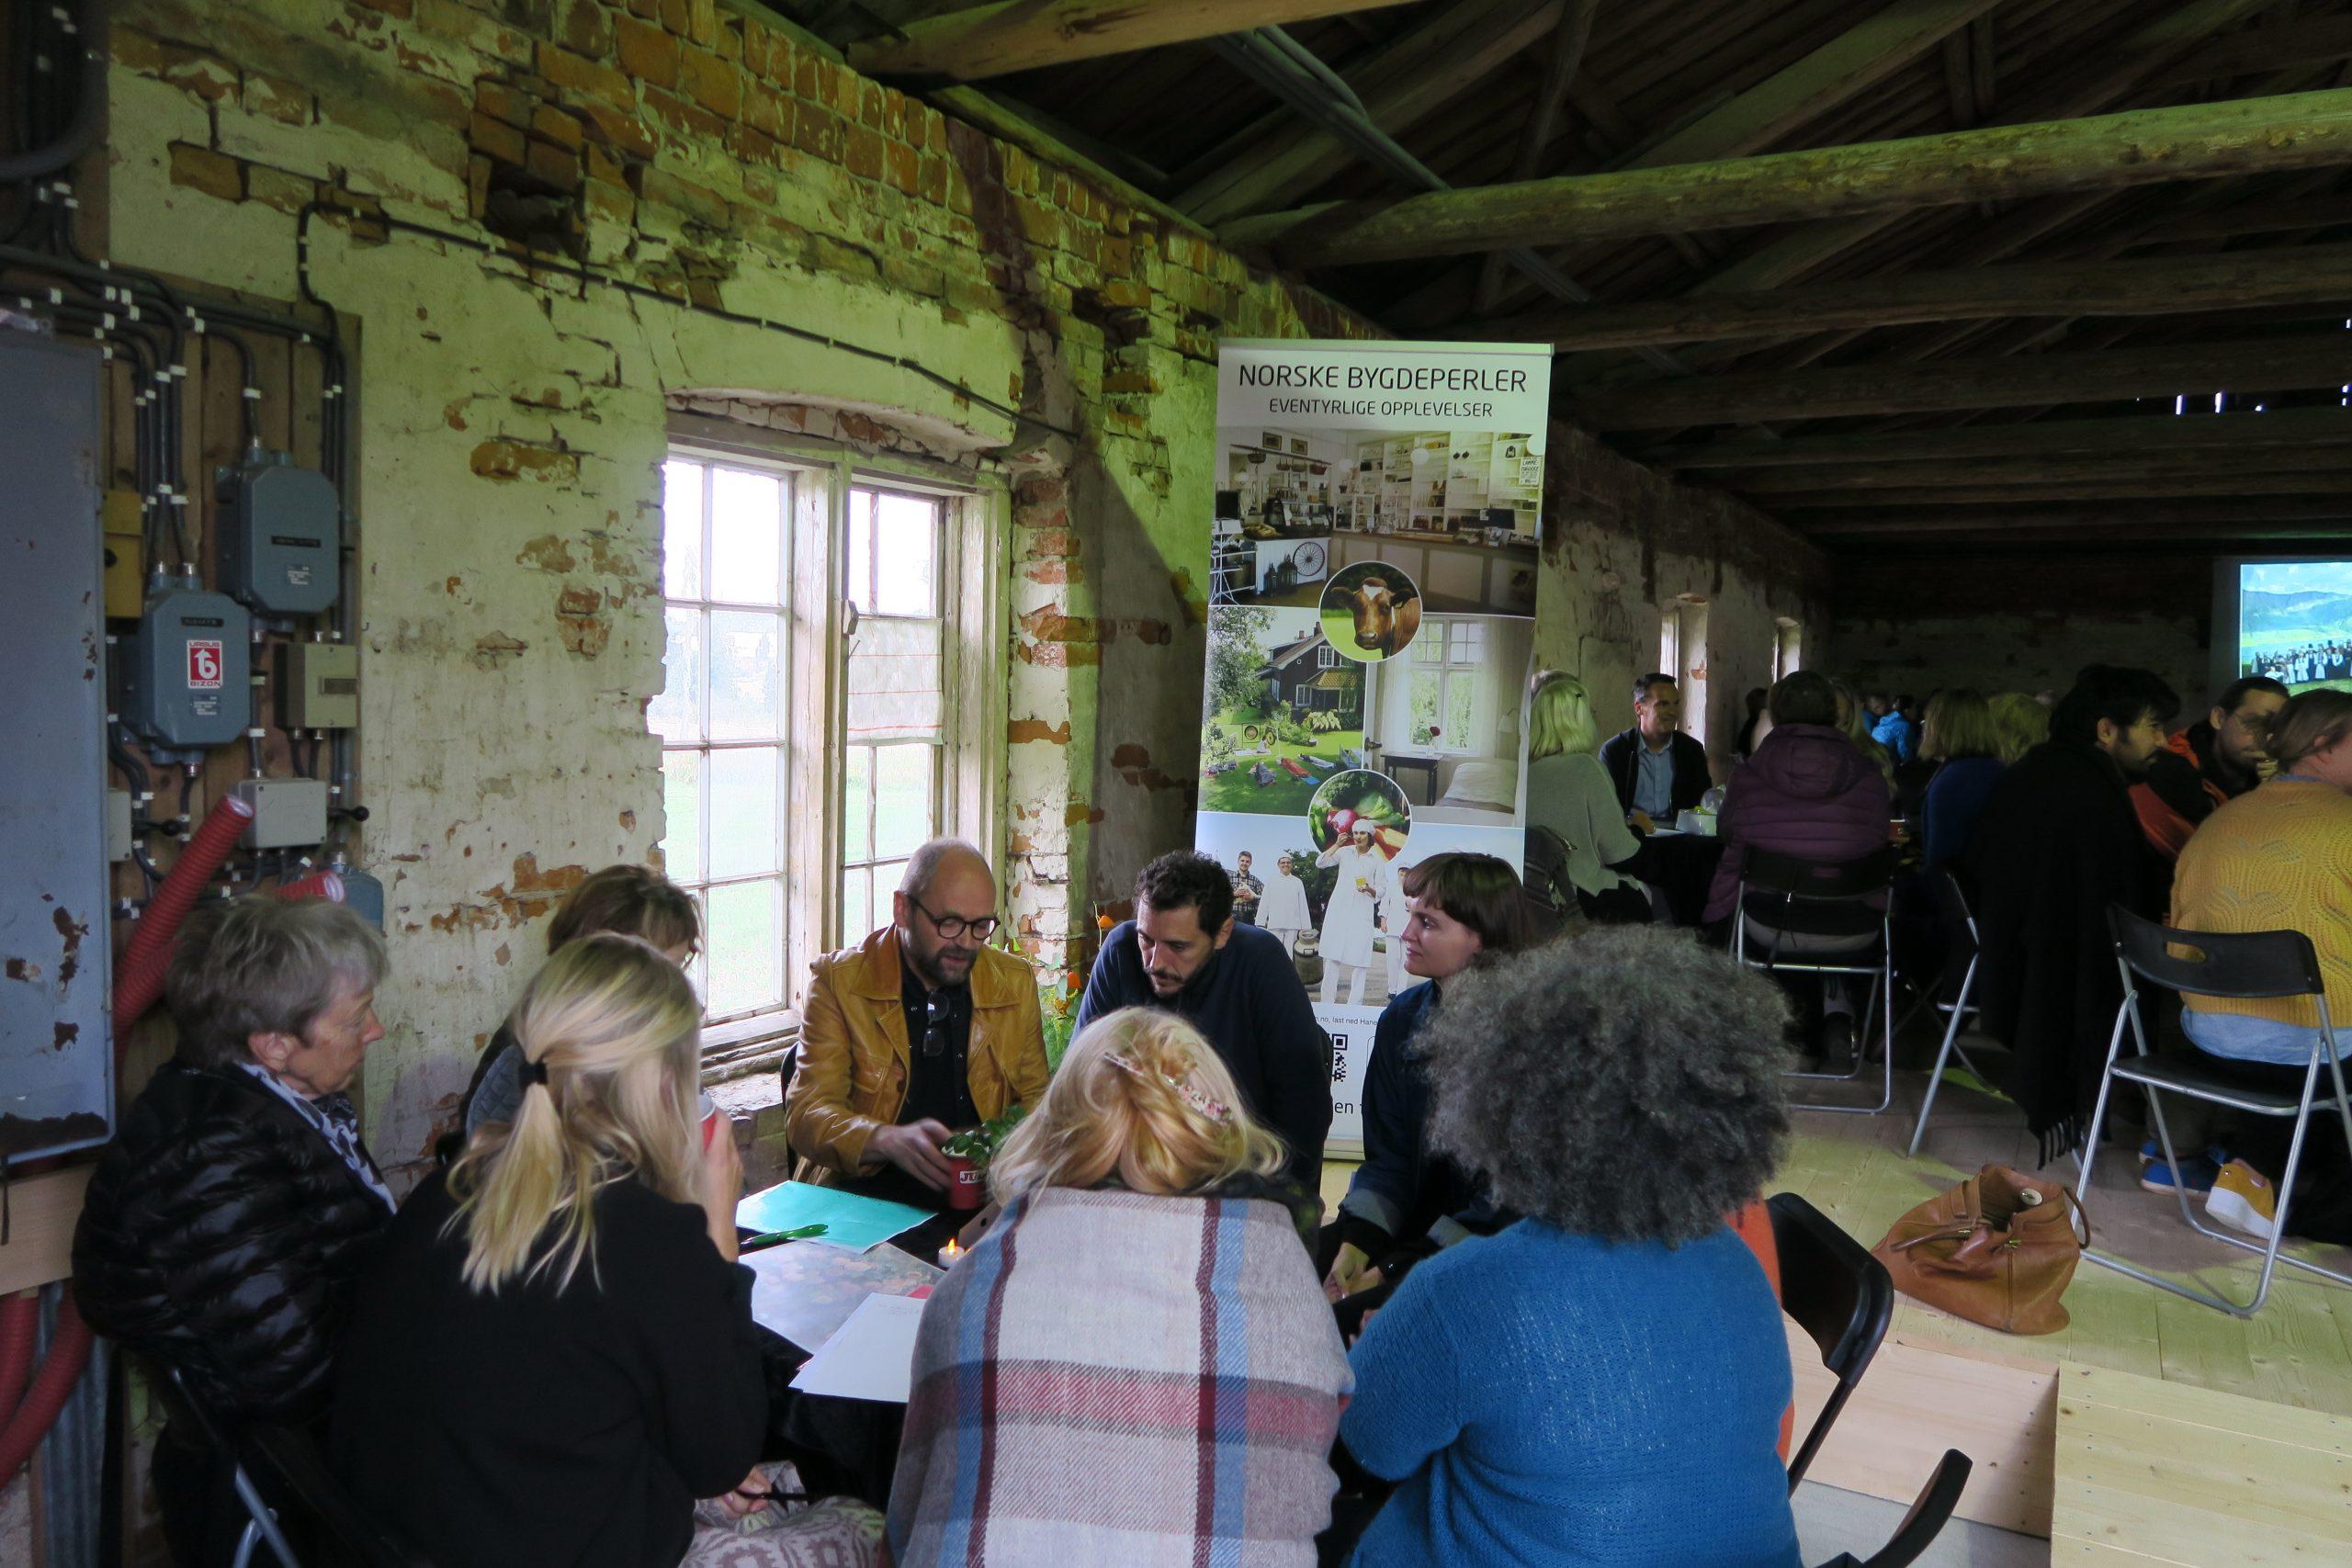 Bilde av deltakere fra inn - og utland deltok i små paneldebatter med temaer knyttet til kulturarv i dag. Foto: Mari Mette Eriksen, Riksantikvaren.